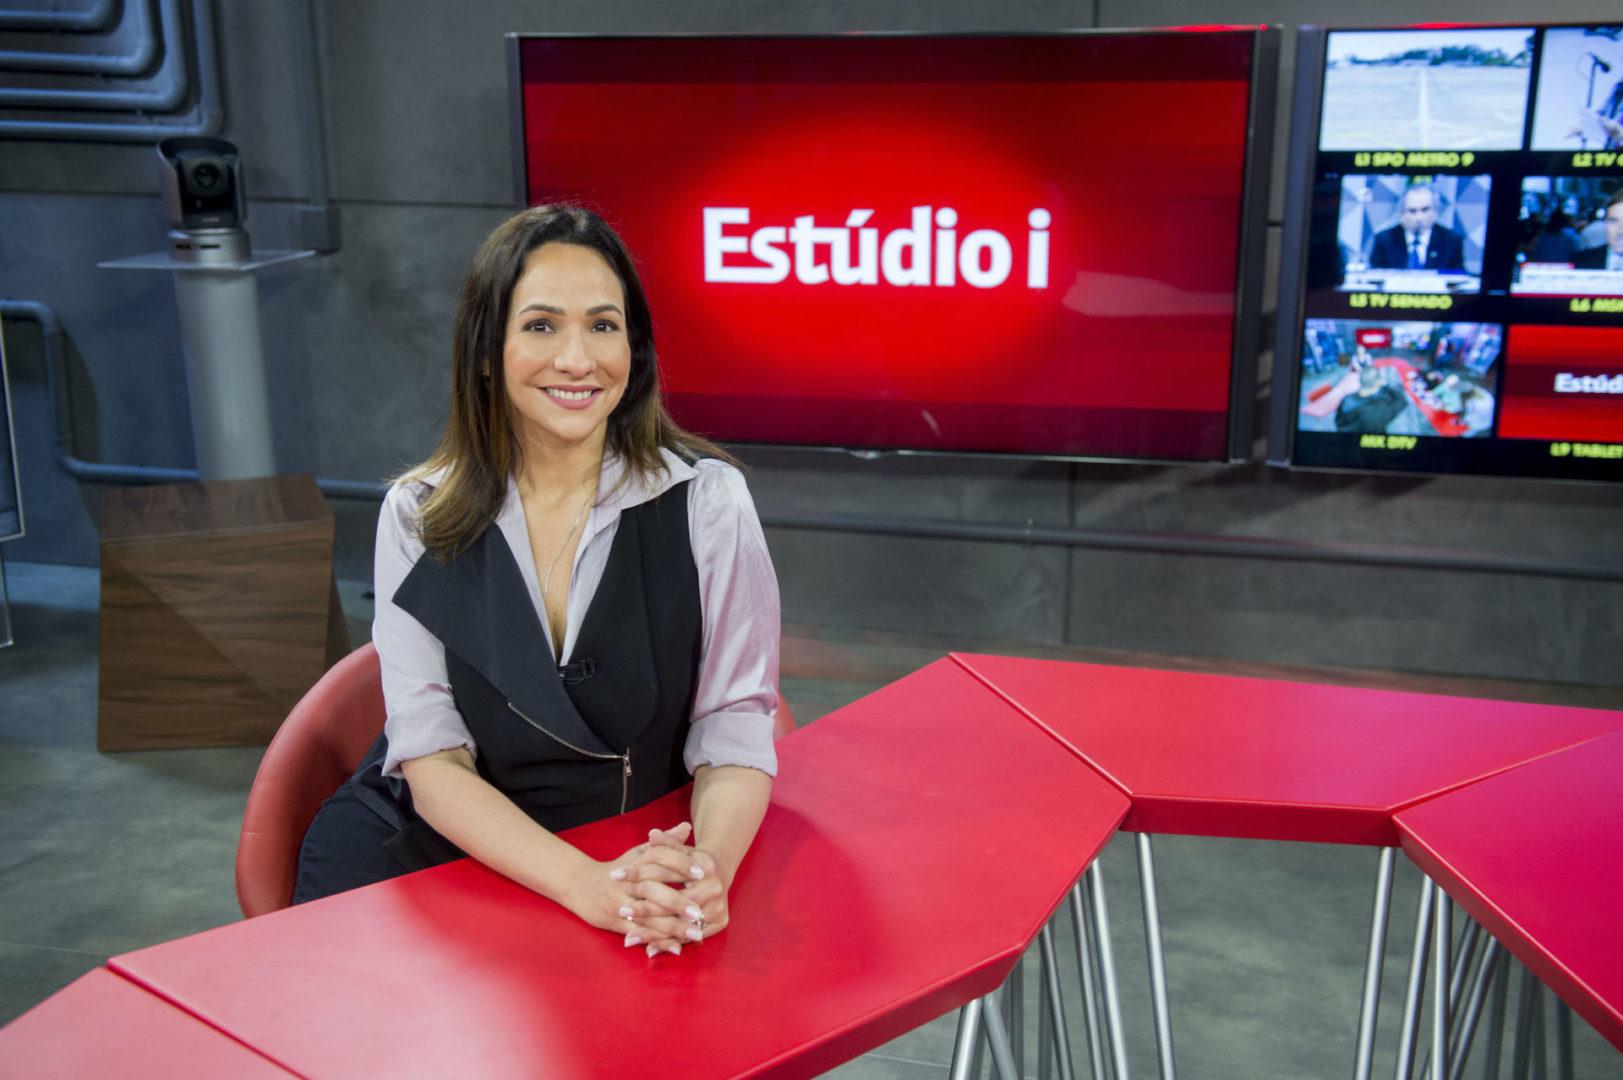 Maria Beltrão apresentadora do Estudio I da GloboNews. Credito Globo João Cotta scaled Globo disponibiliza o Globoplay para assinantes do canal internacional na Sling TV